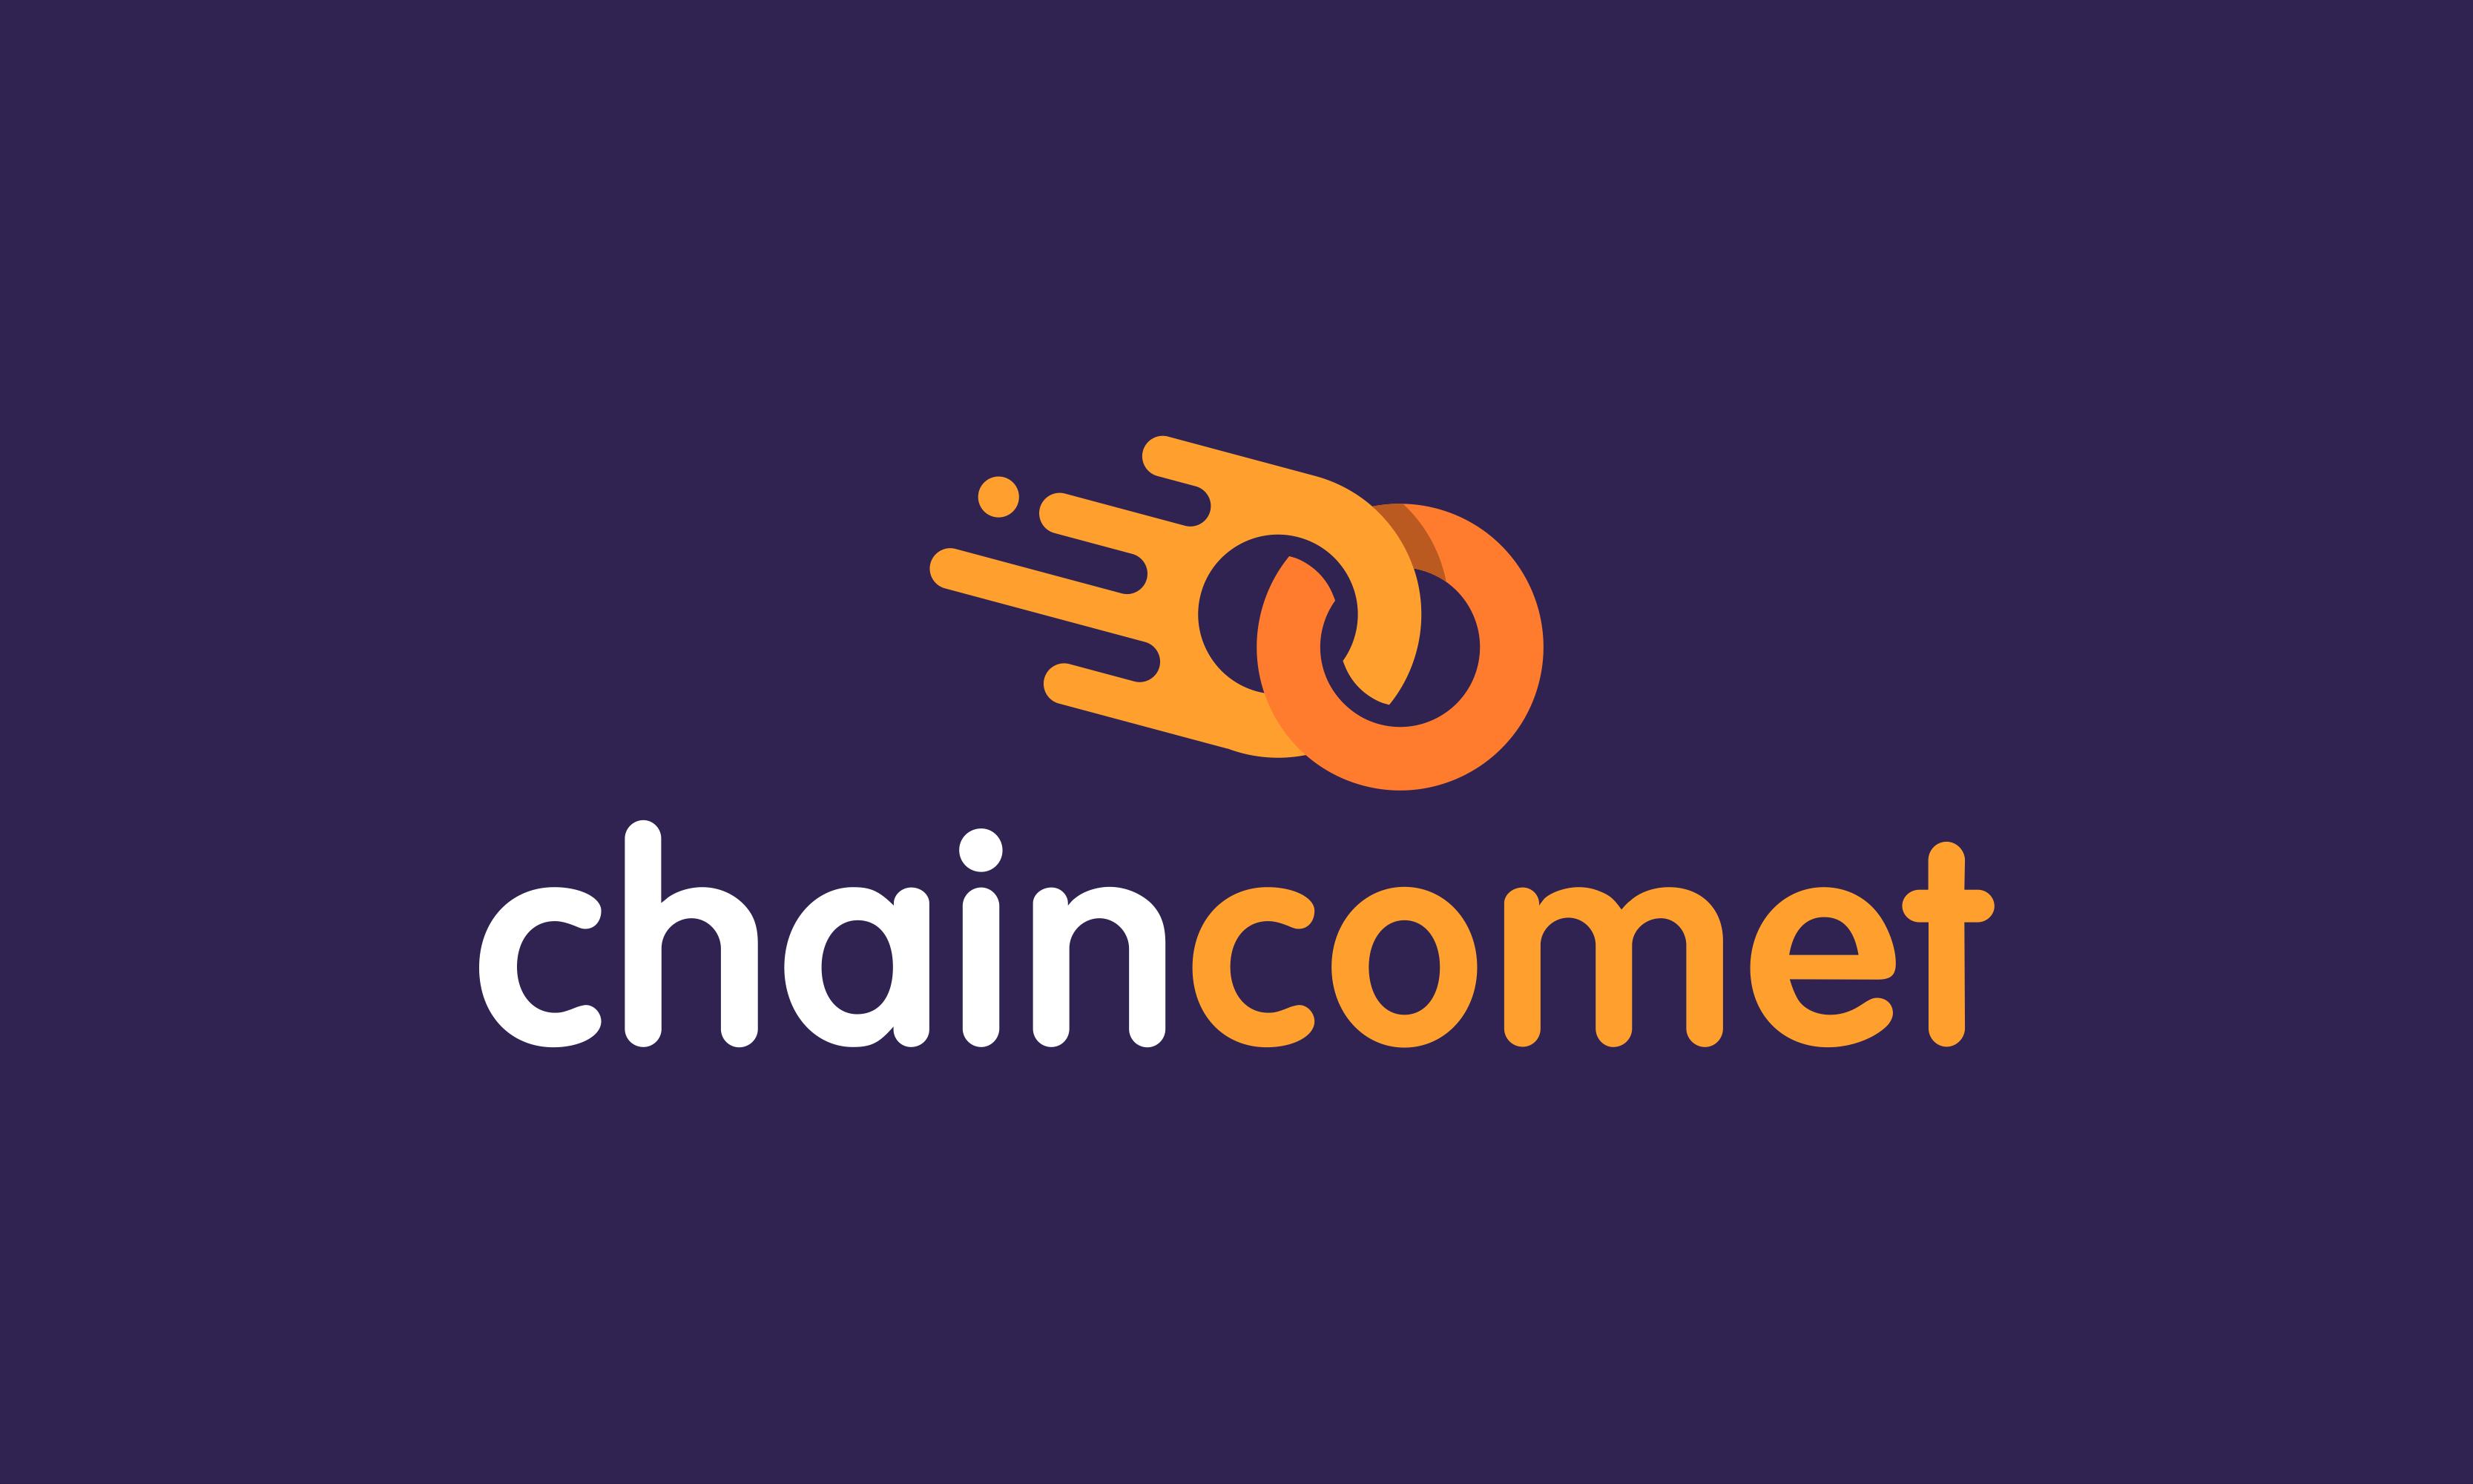 Chaincomet